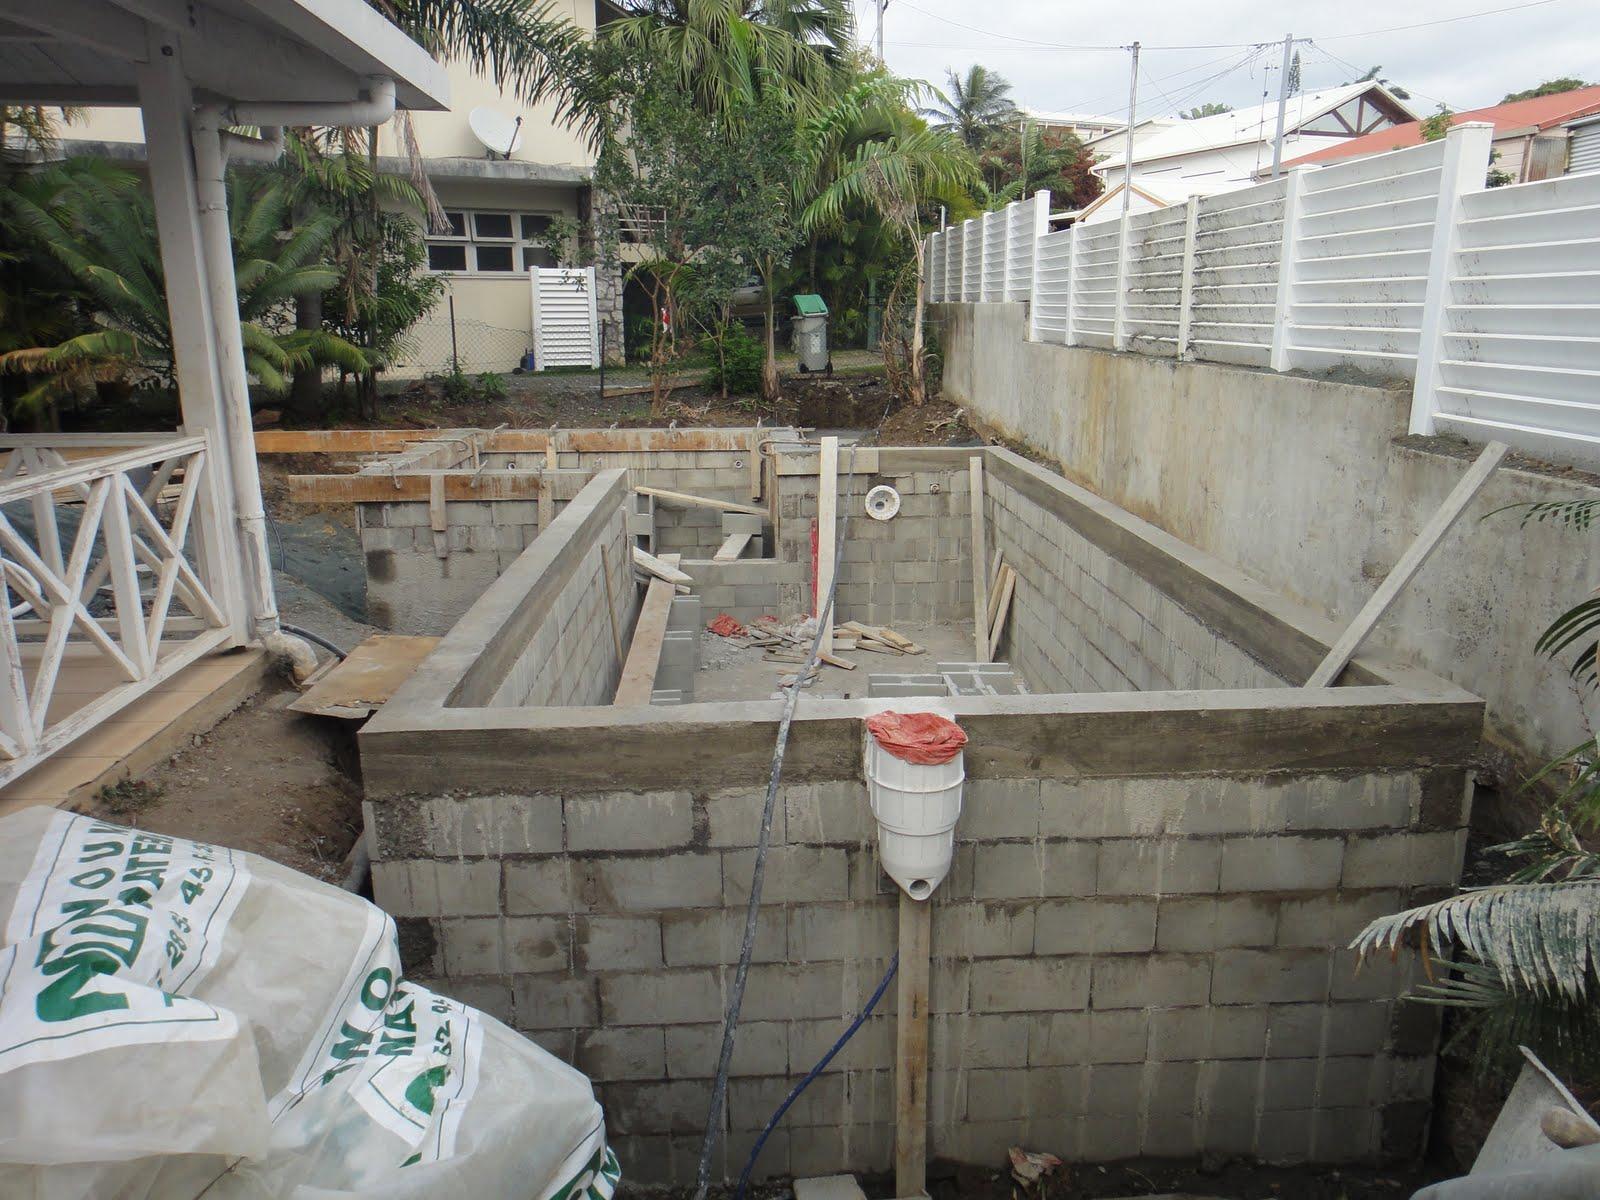 News from nc piscine les murs sont termin s - Terre contre mur maison ...